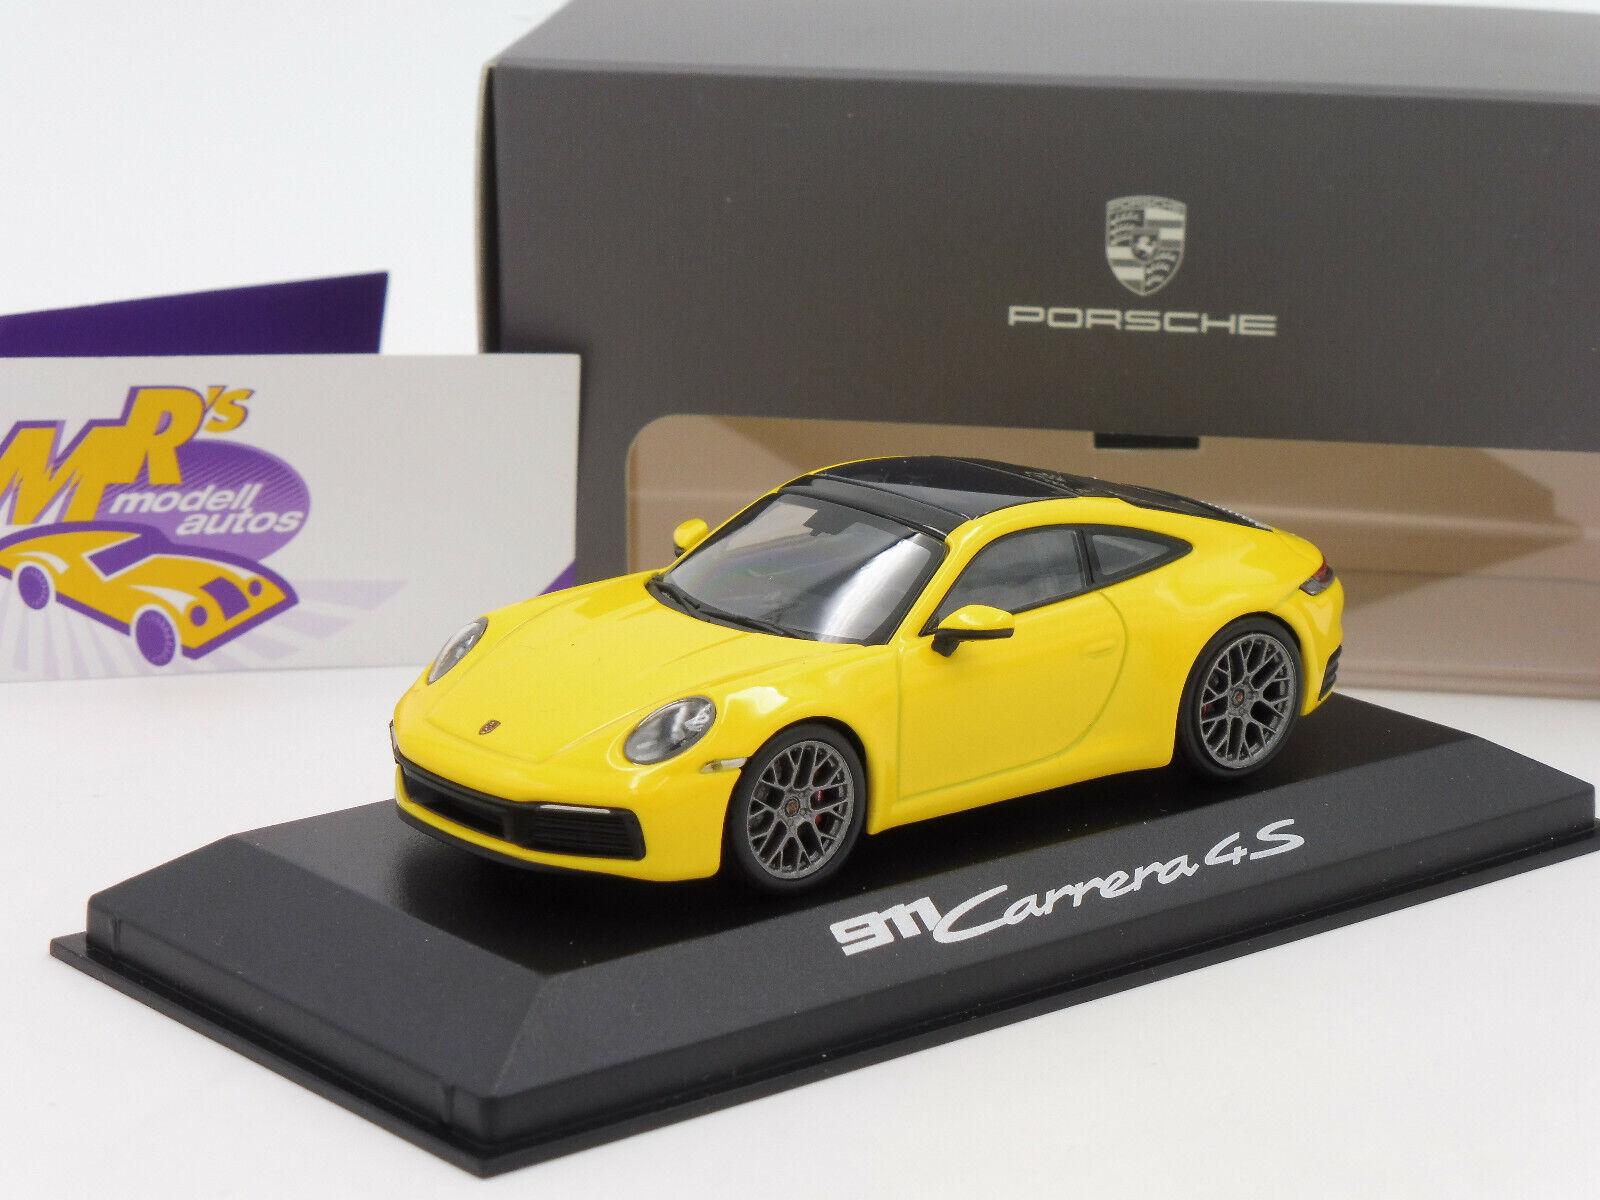 Minichamps PORSCHE 911Typ 902 Carrera 4S Baujahr 2019   speedyellow   1 43 NEU